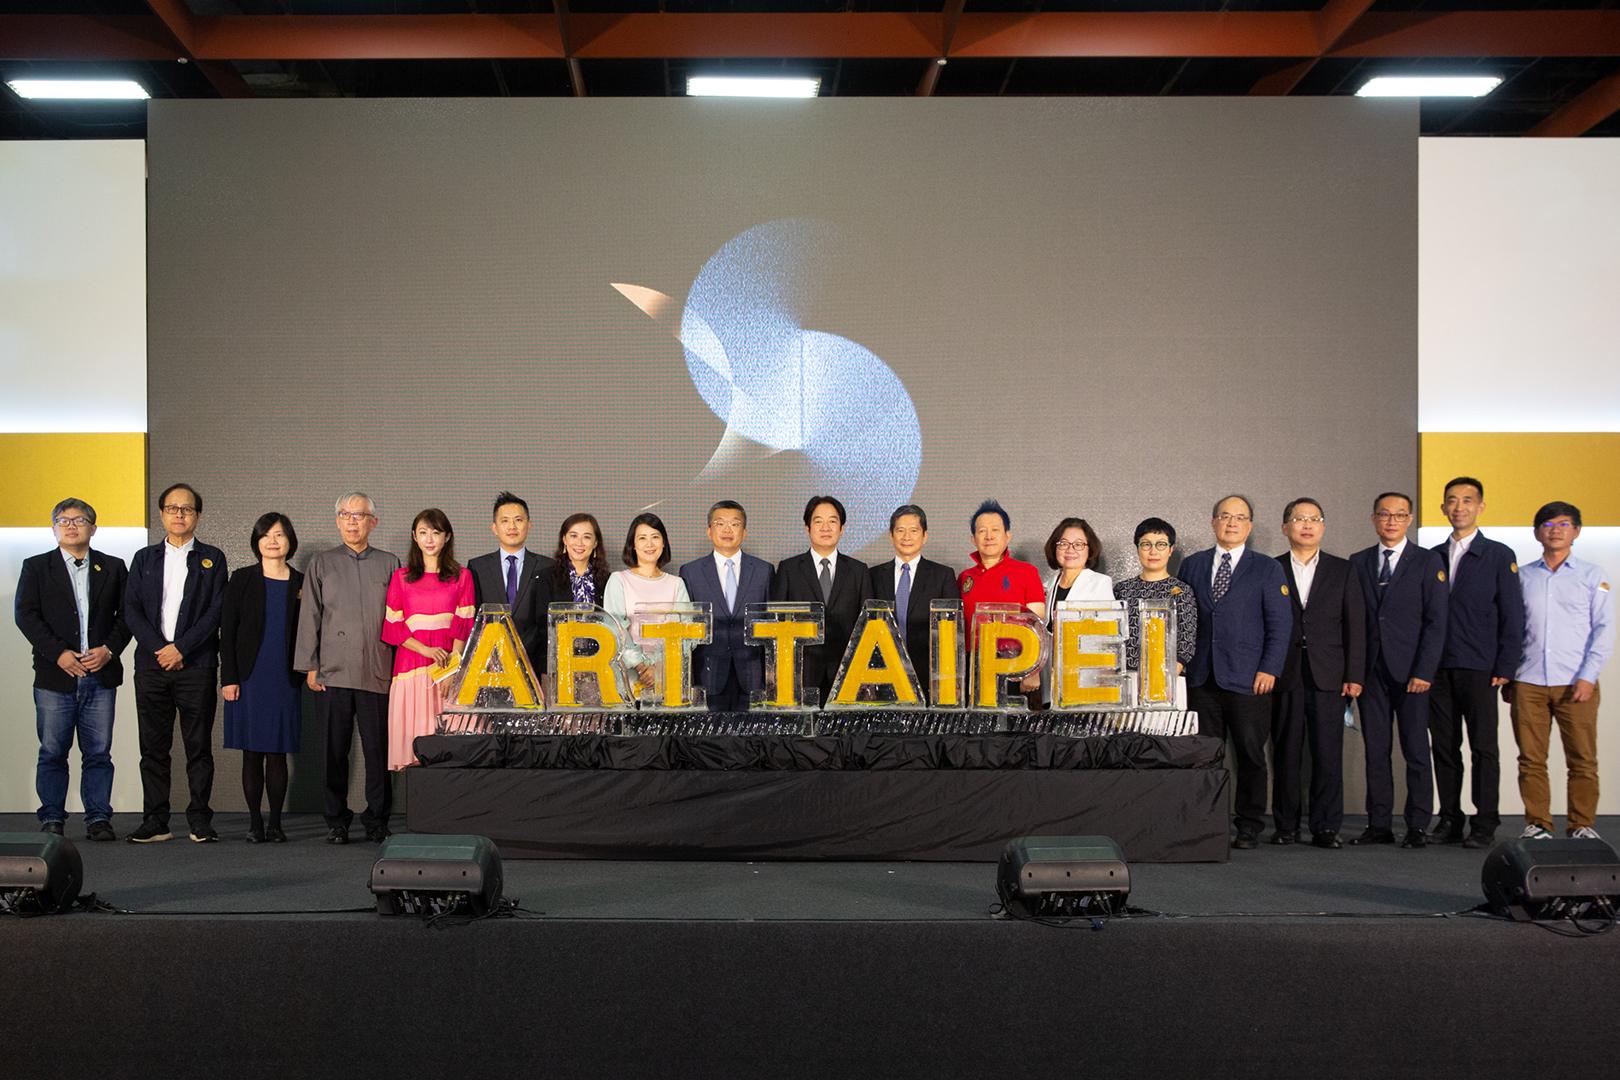 ART TAIPEI 2021 台北國際藝術博覽會盛大開幕!